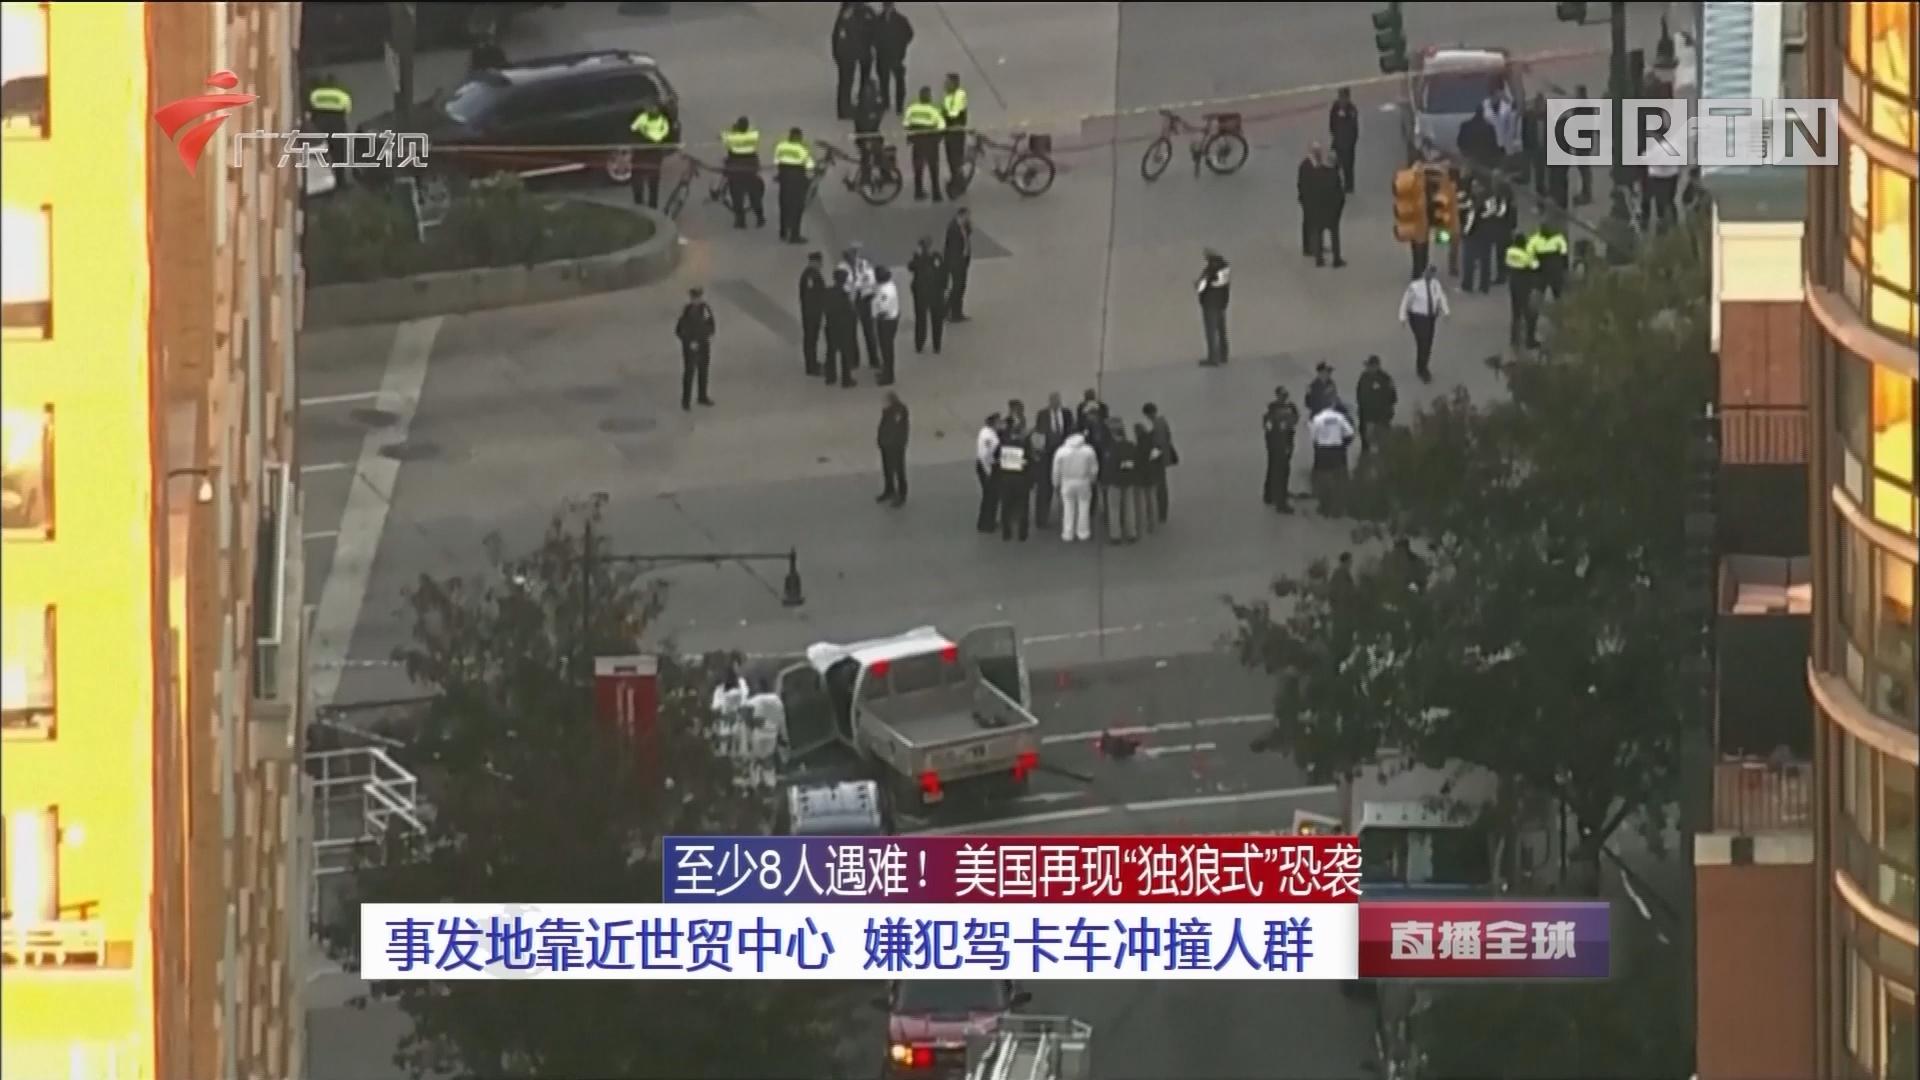 """至少8人遇难!美国再现""""独狼式""""恐袭 事发地靠近世贸中心 嫌犯驾卡车冲撞人群"""